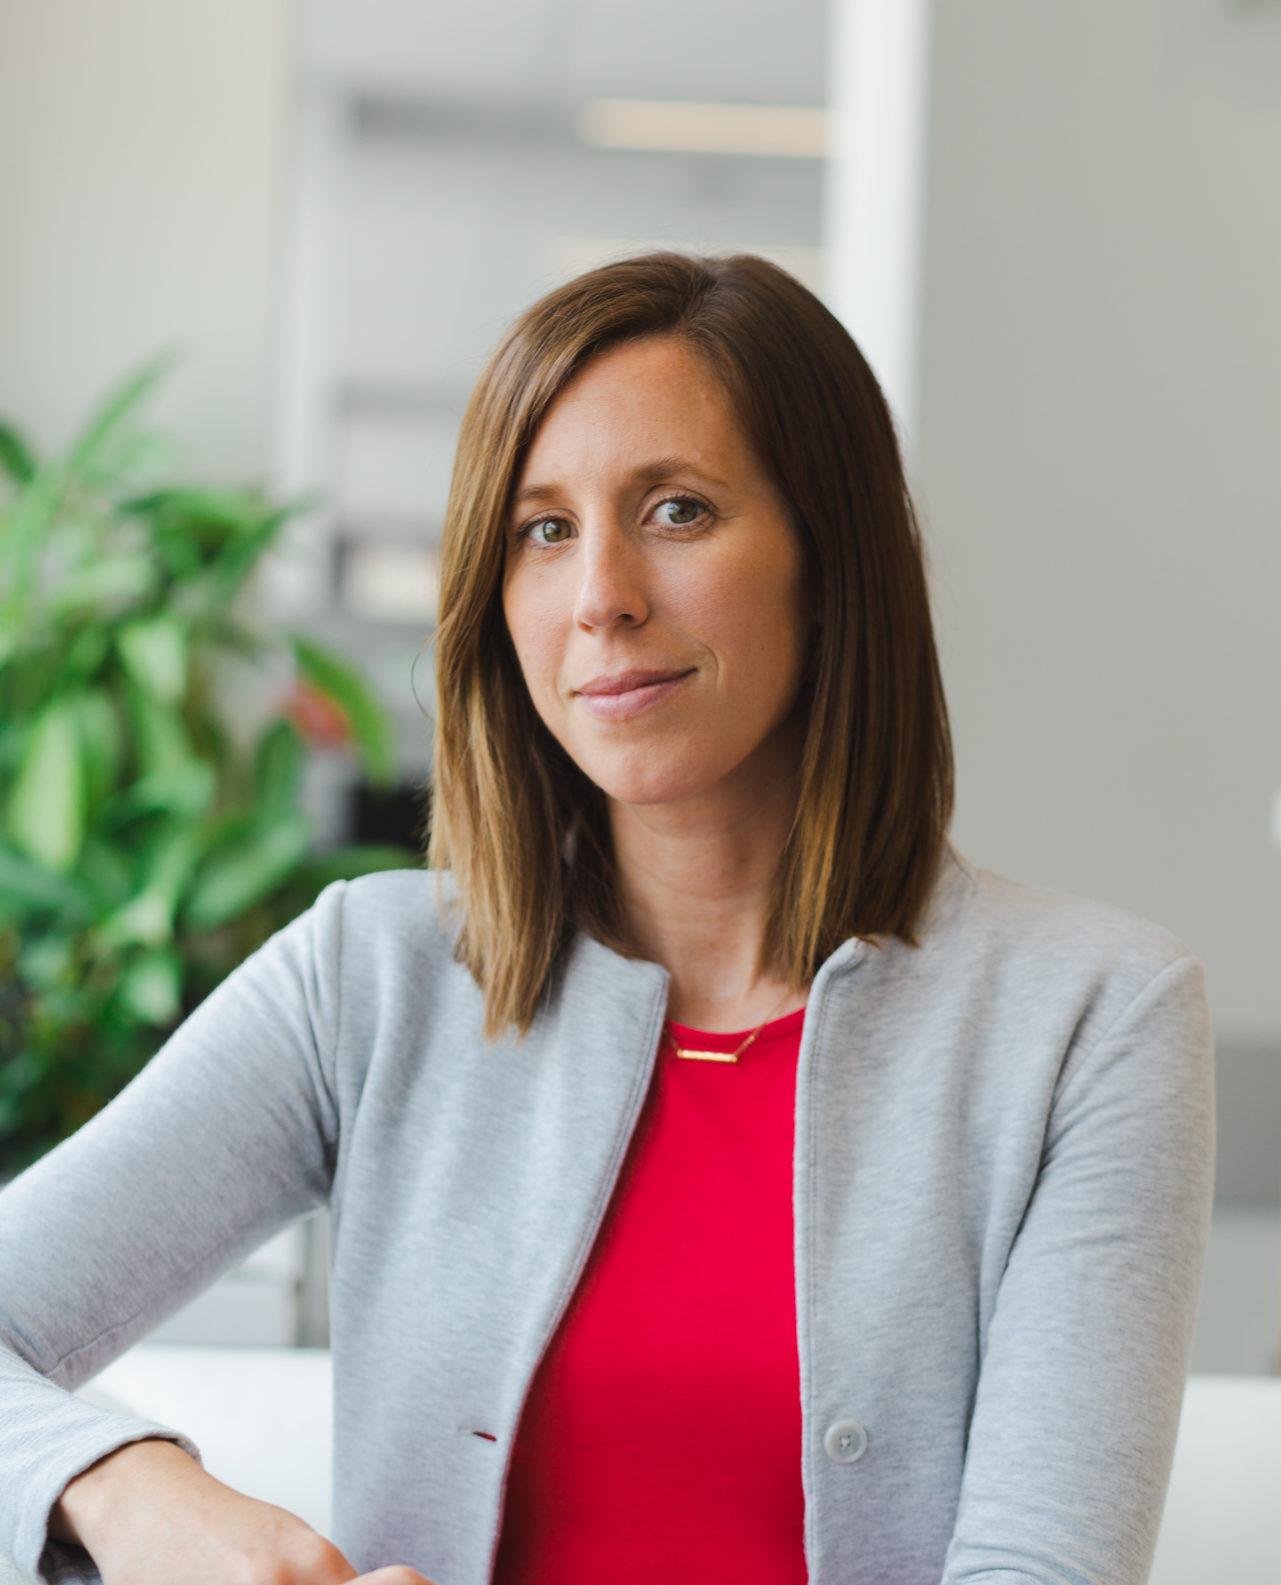 Jill Overacker